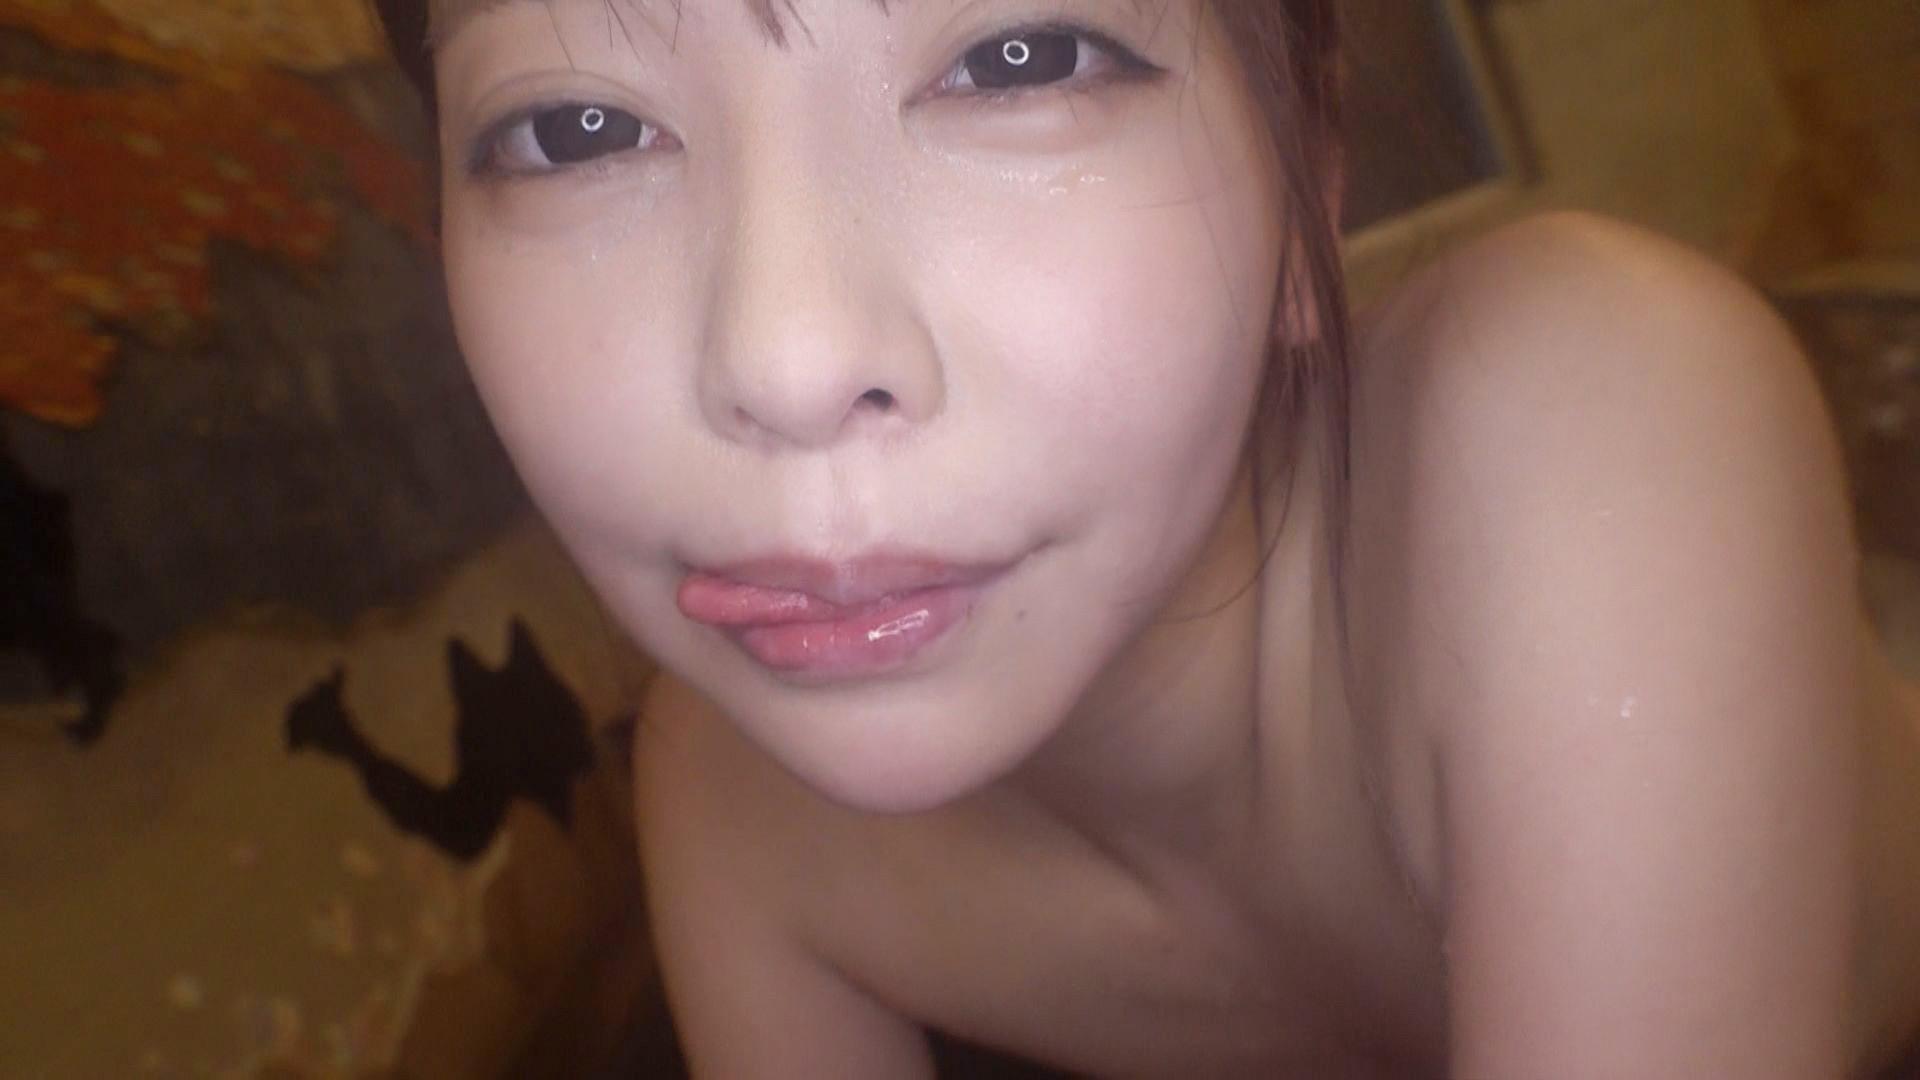 美顔精飲 仕事が休みの火曜日、露出デートで中出しと精子を飲みまくった記録,のサンプル画像20